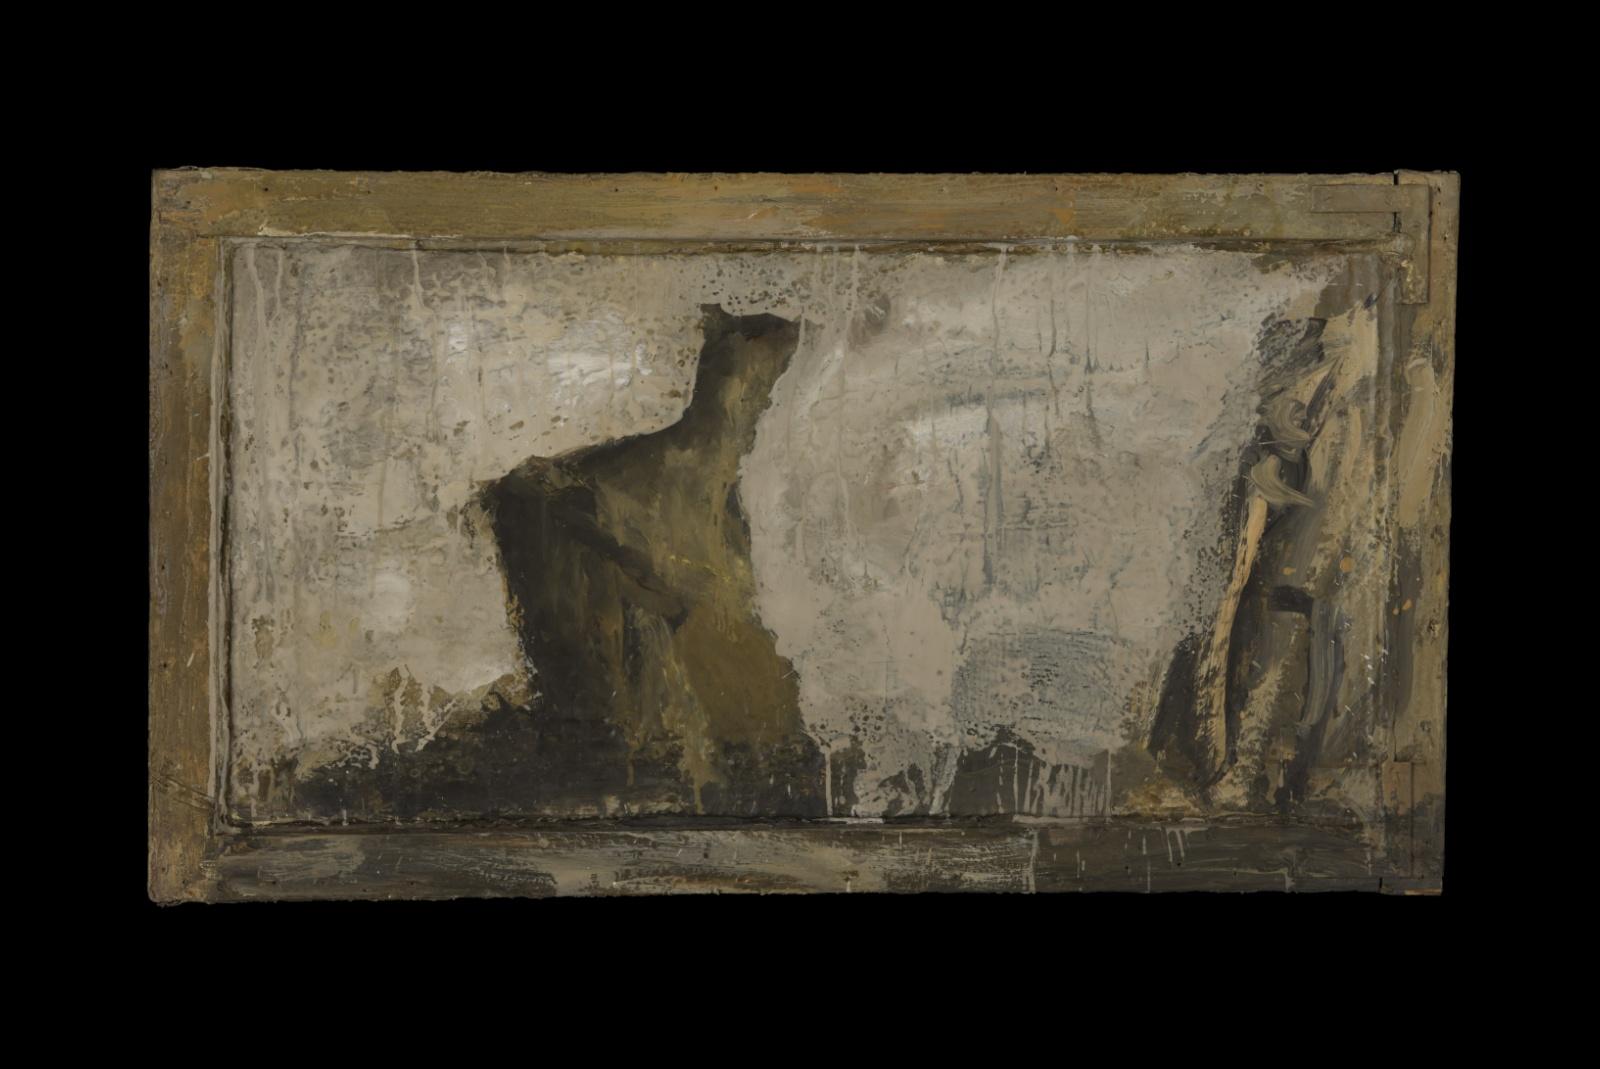 Scilla e Cariddi, 1990